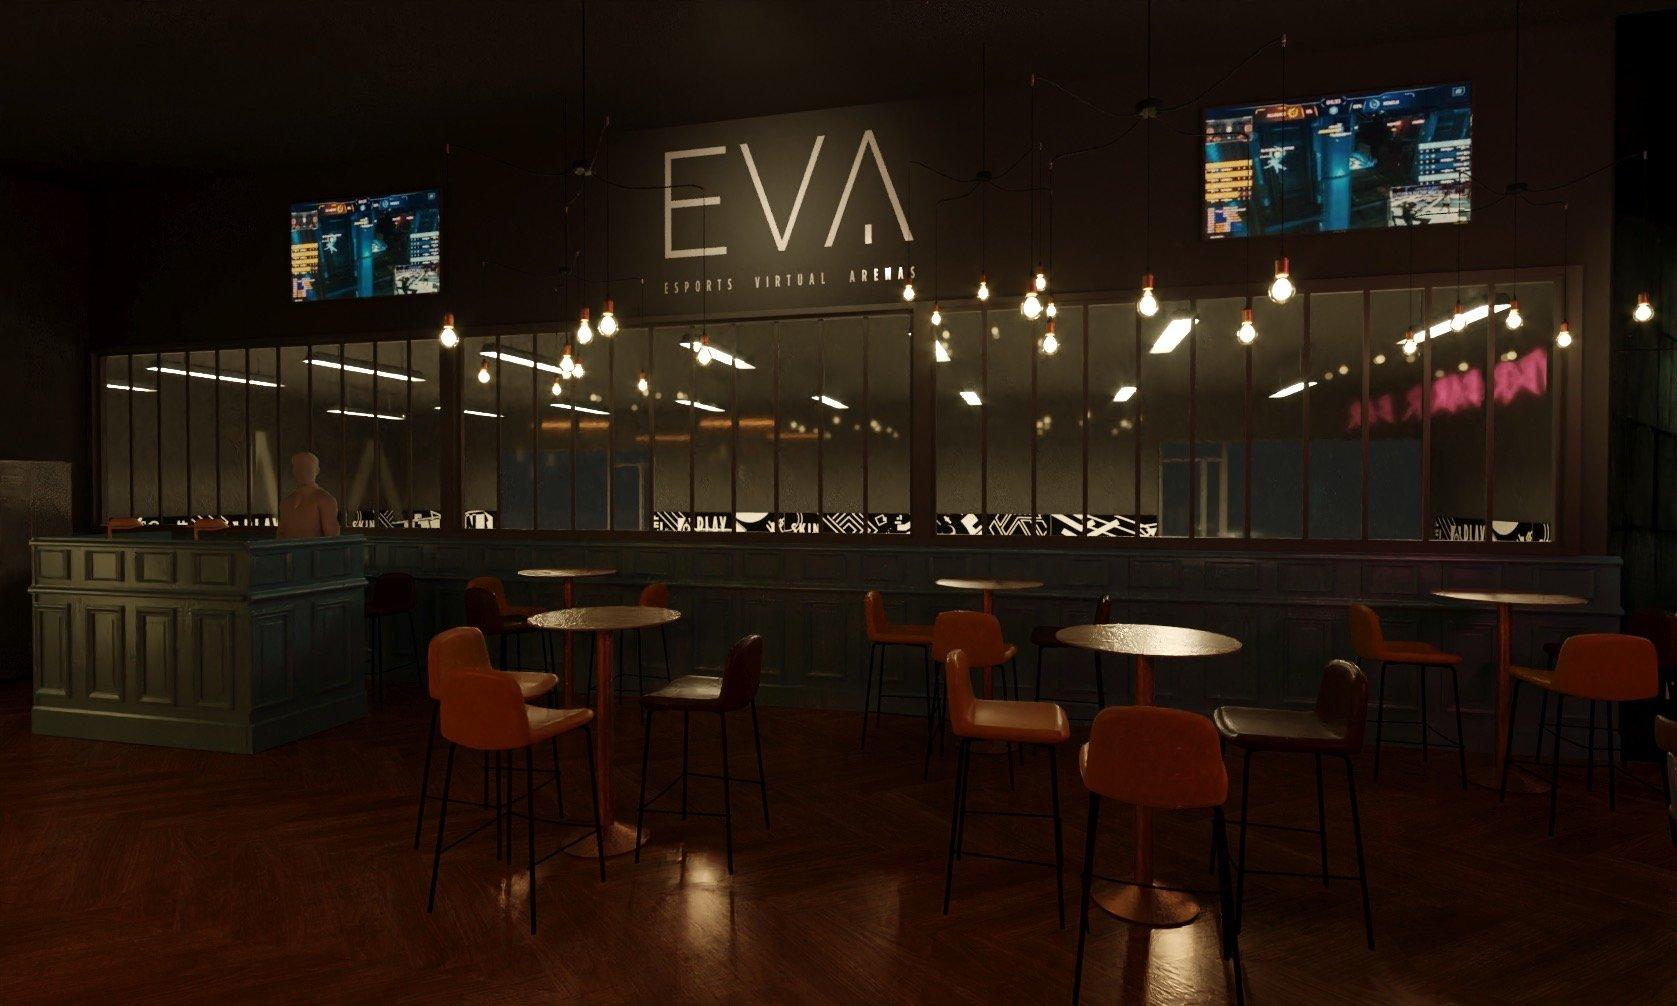 EVA spectating area